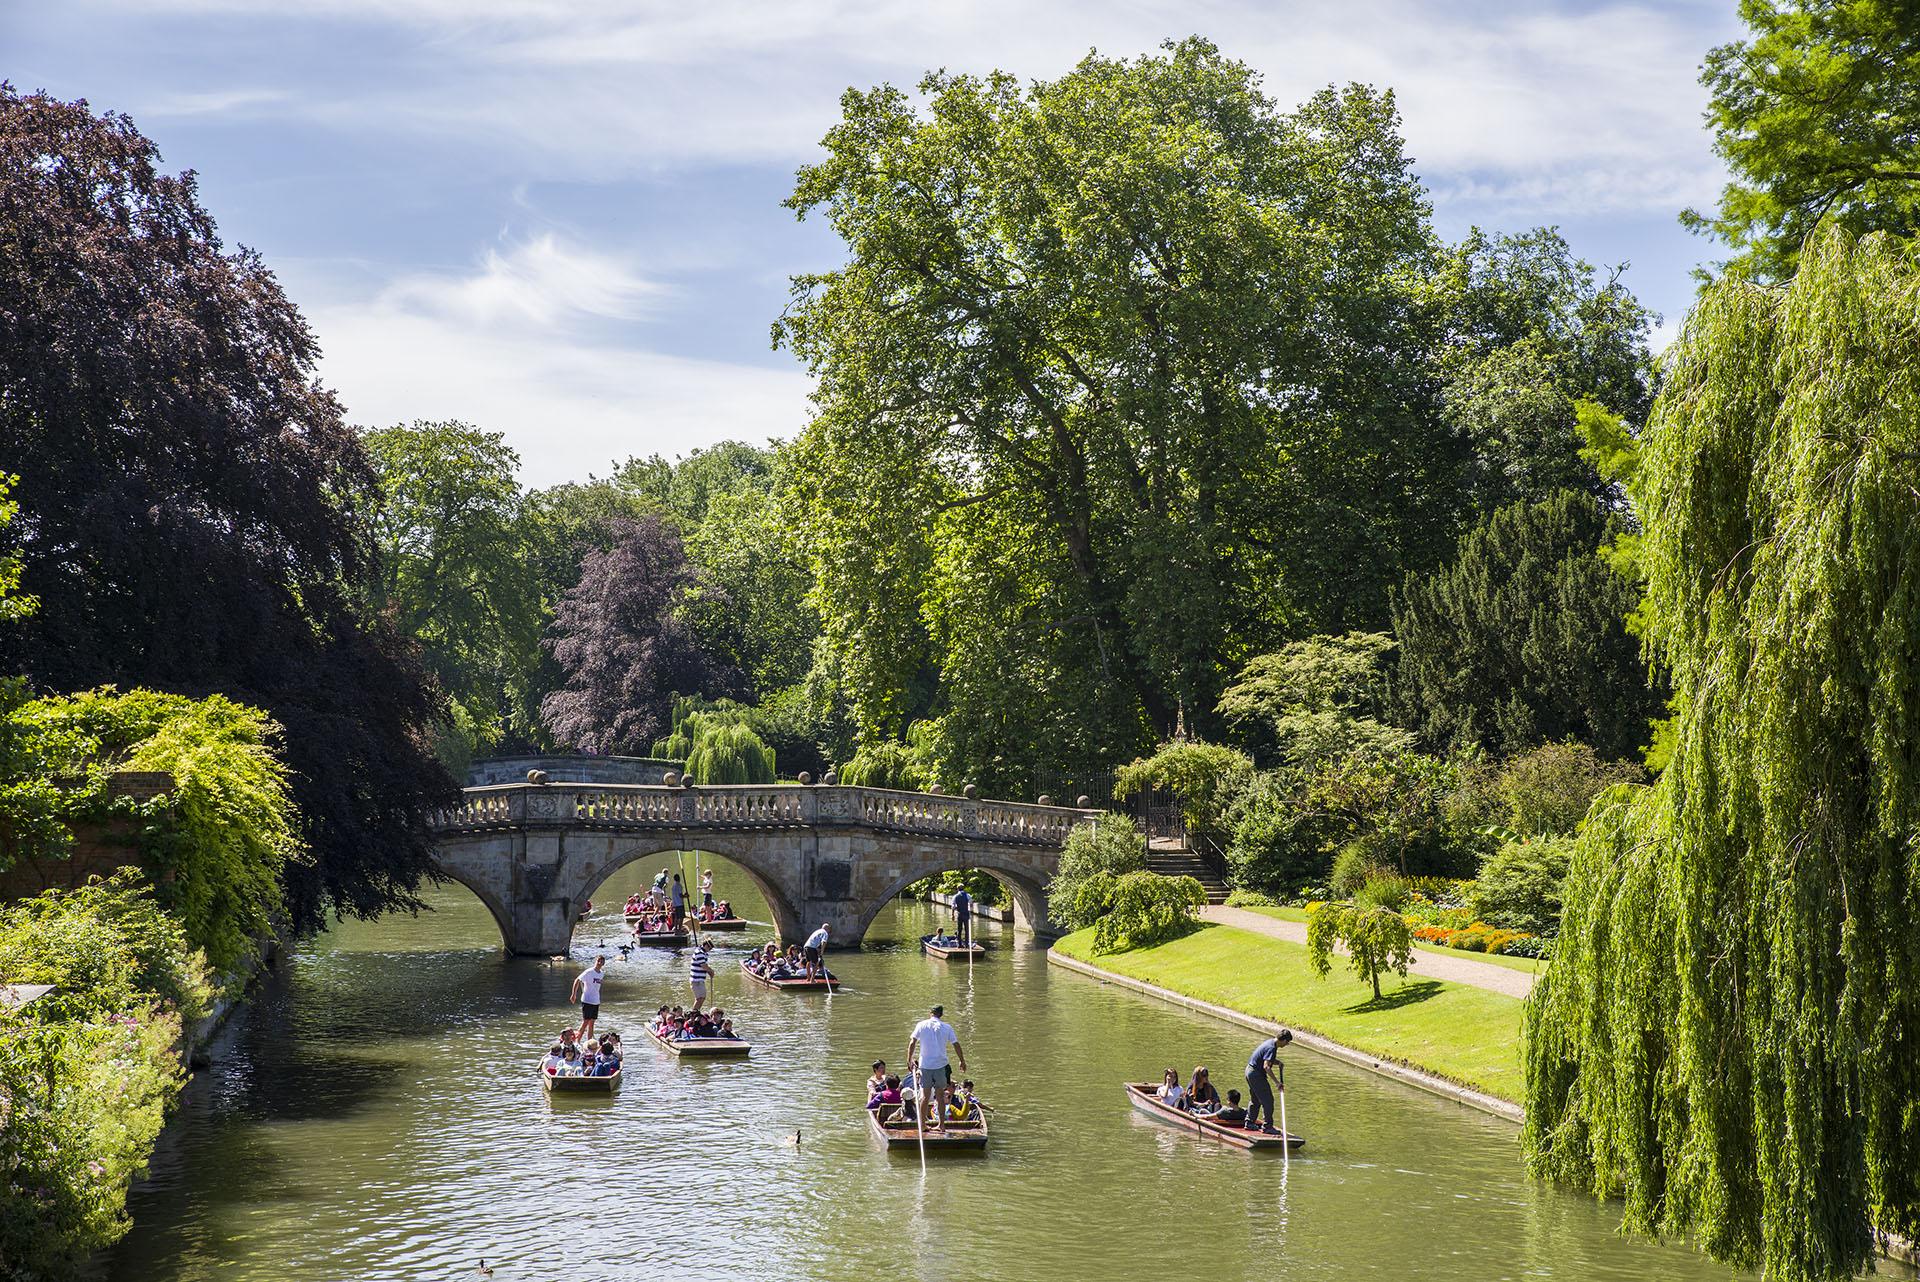 Es imposible visitar Cambridge, una de las dos grandes ciudades universitarias de Inglaterra, y no sentirse catapultado en el tiempo, desde el laberinto medieval de las calles hasta los deslumbrantes edificios góticos de sus universidades